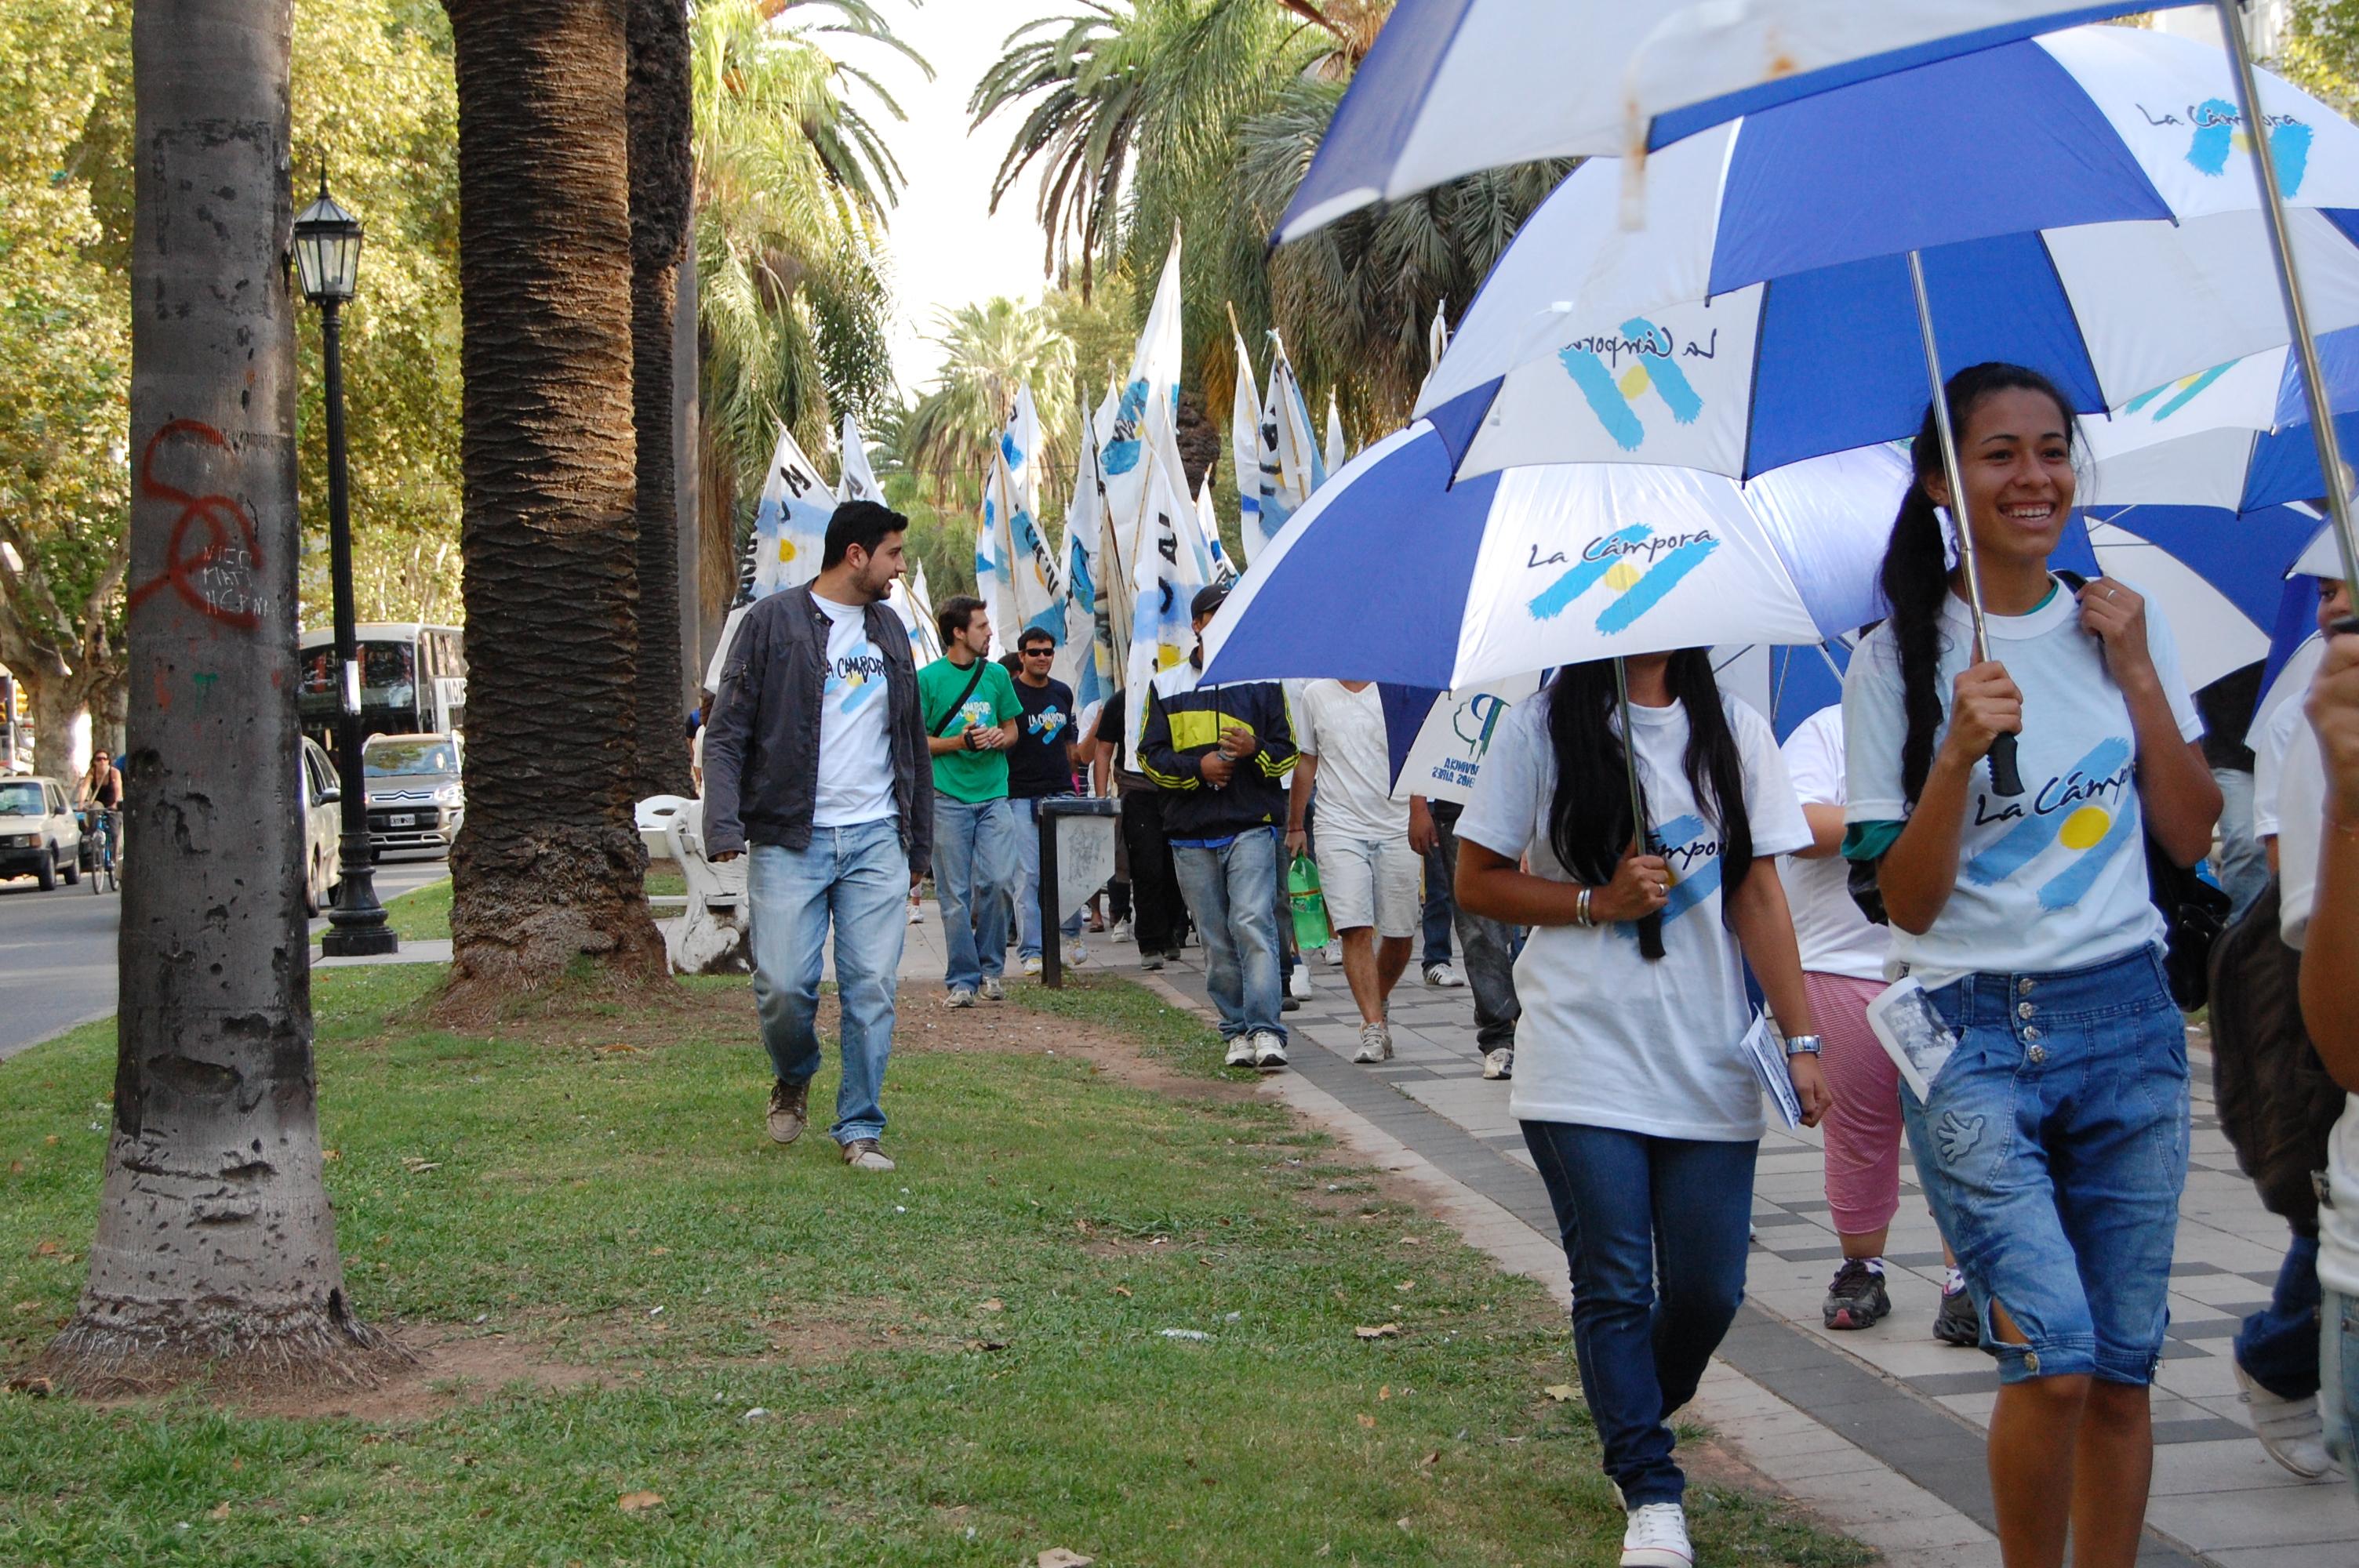 13 Marcha 24 de marzo en Rosario